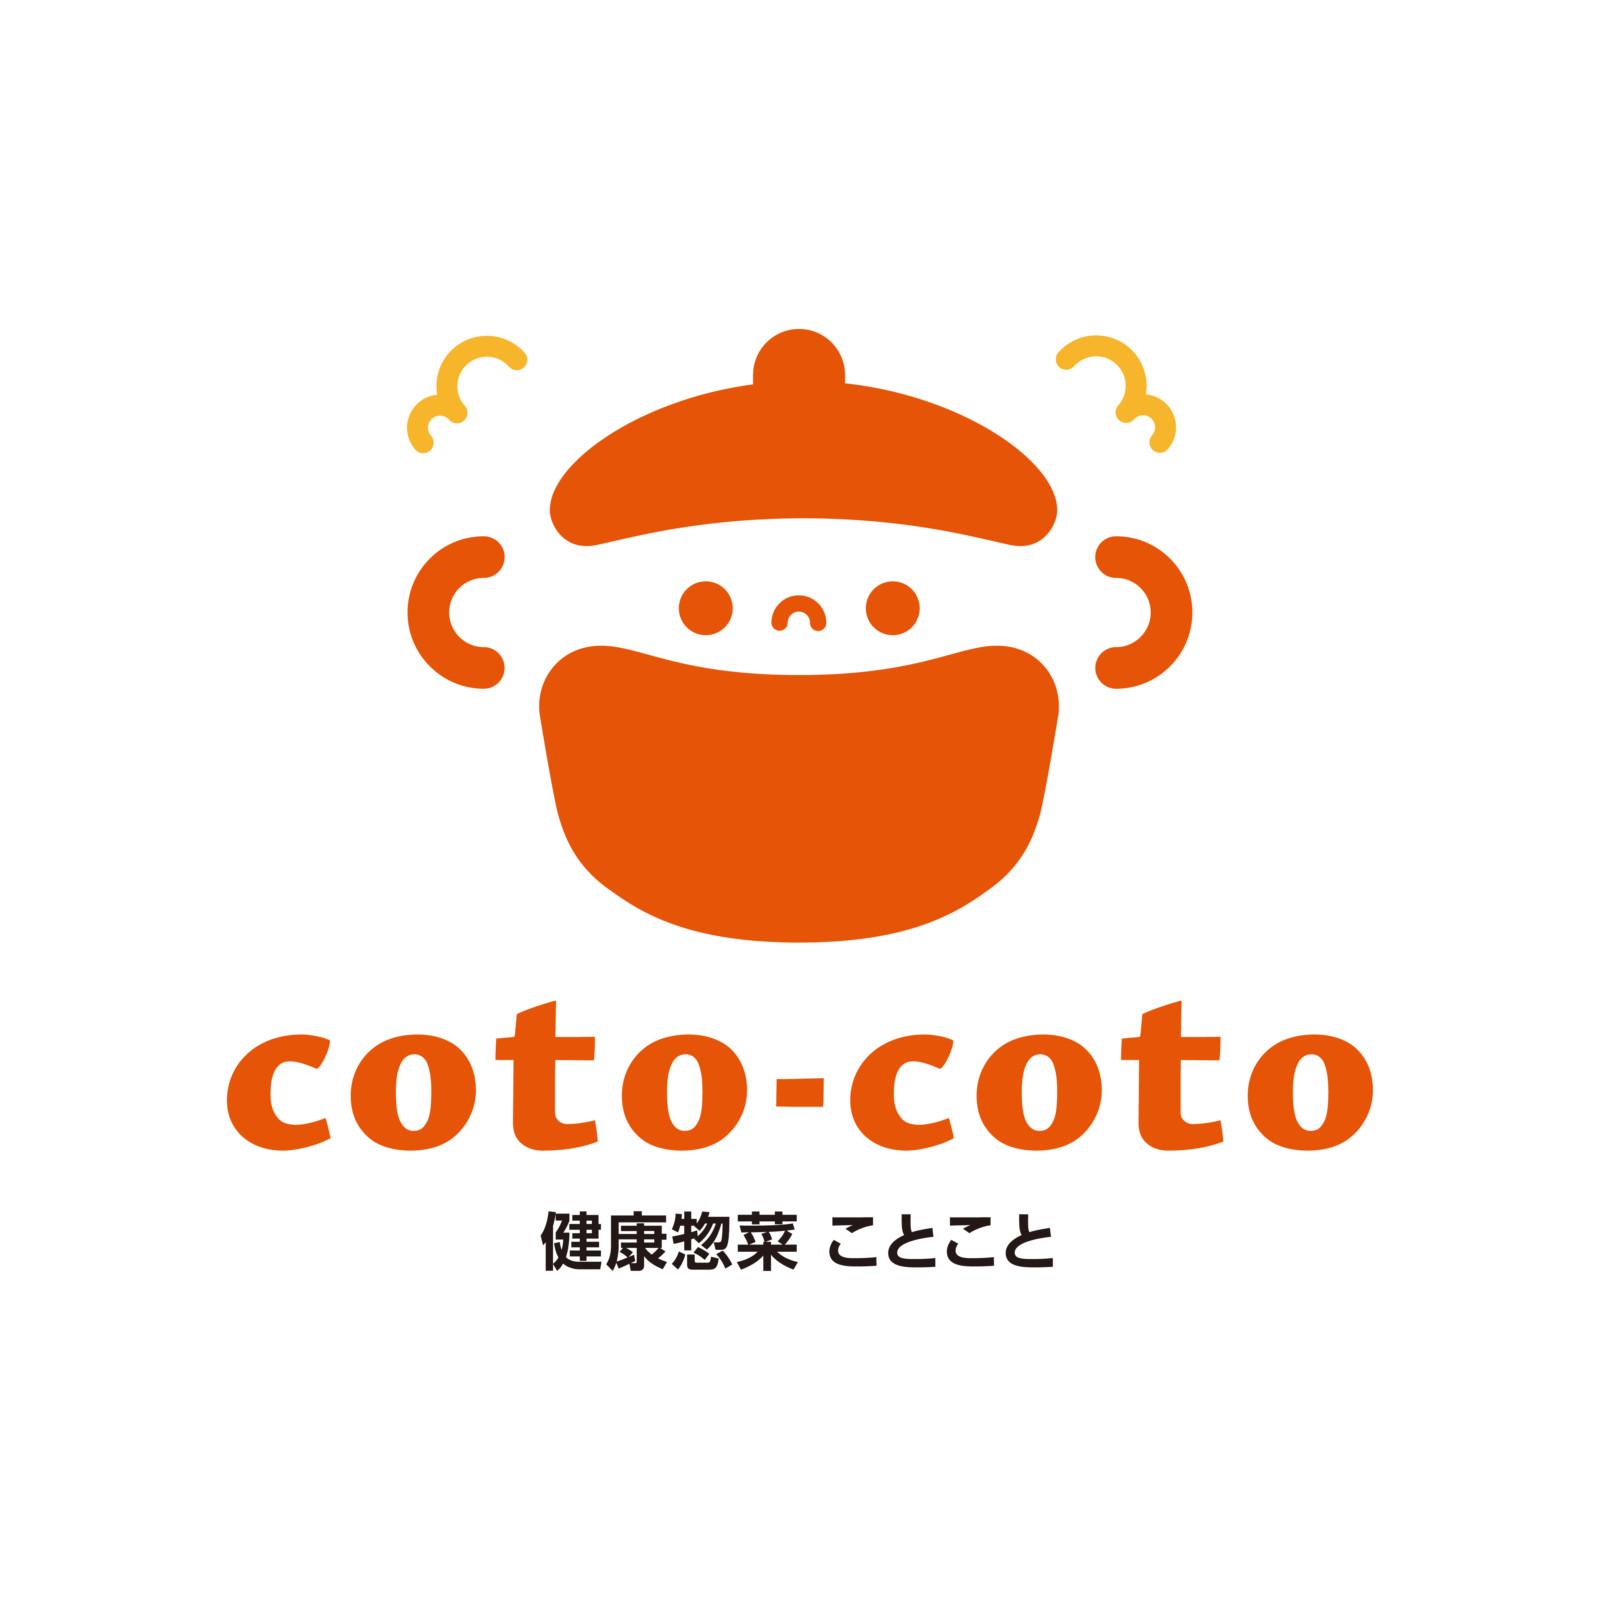 cotocoto_01